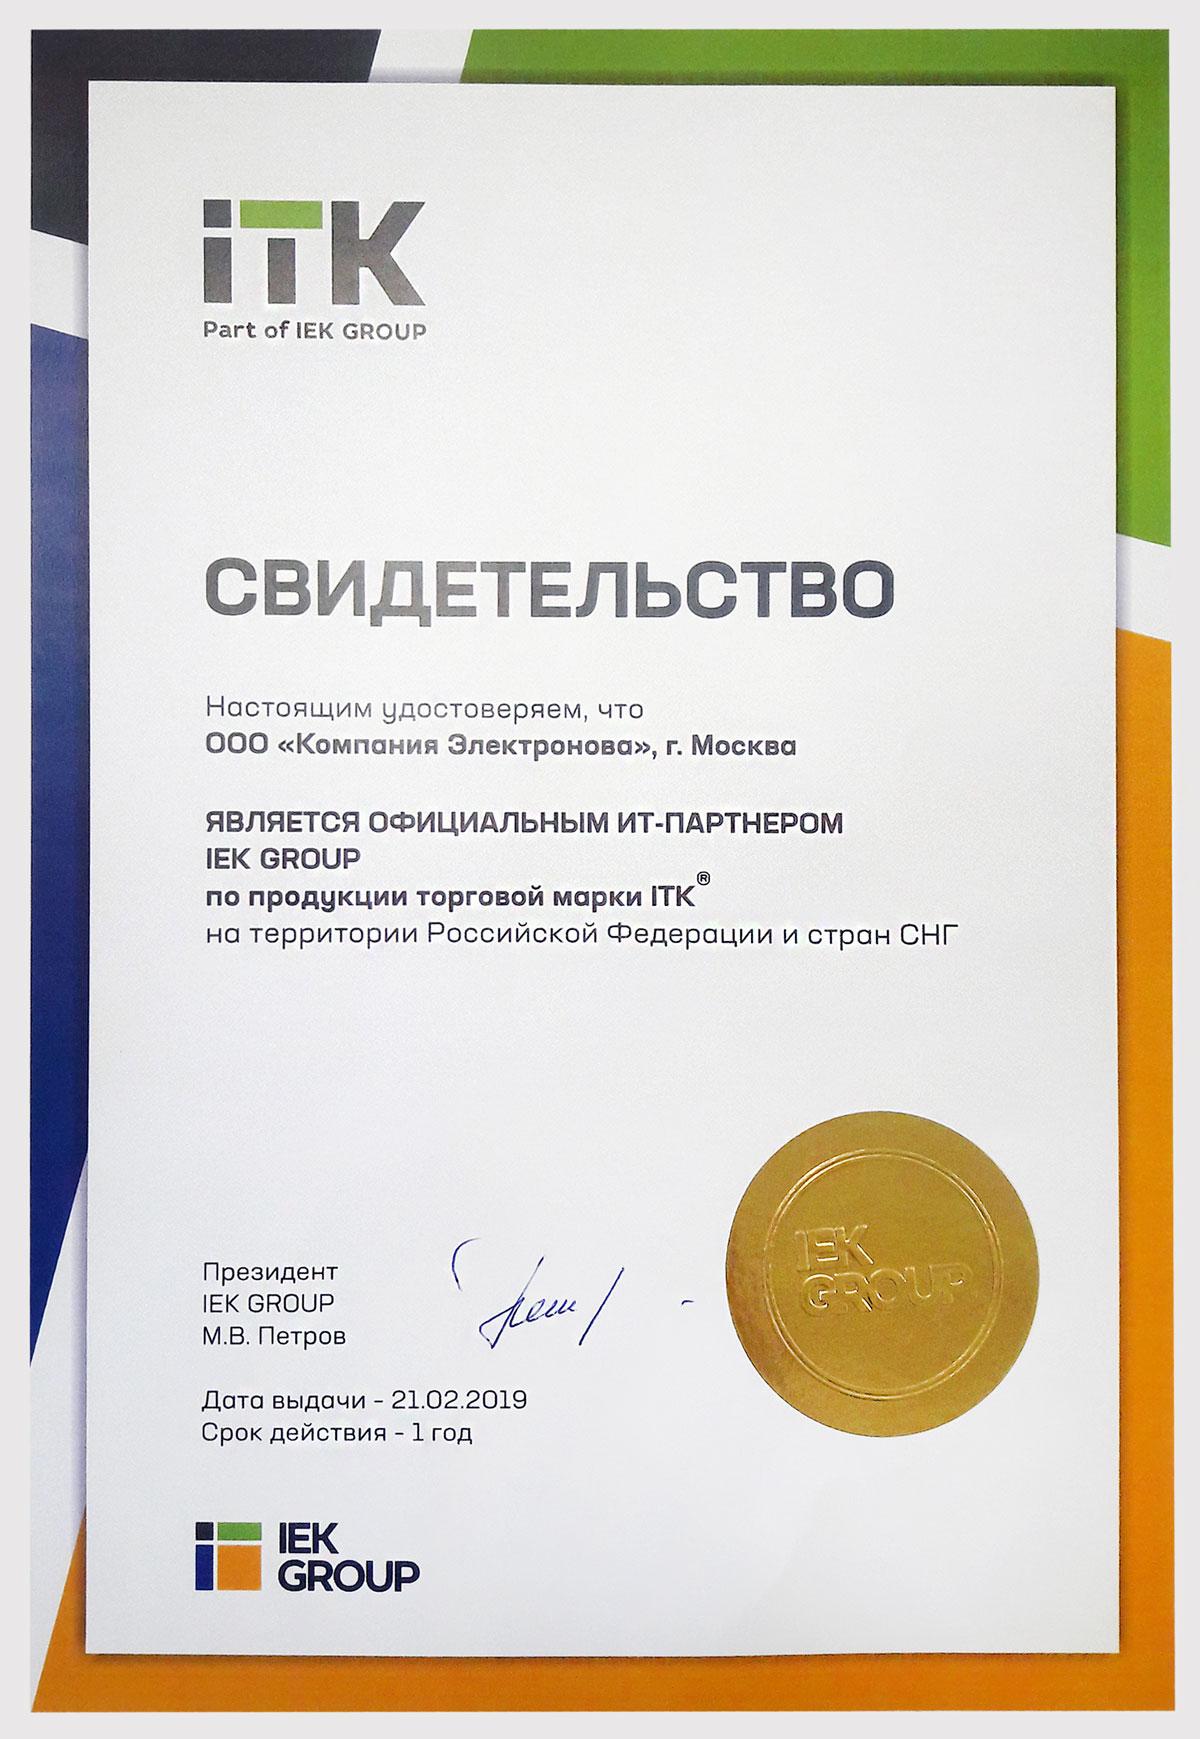 Электронова официальный партнер ITK